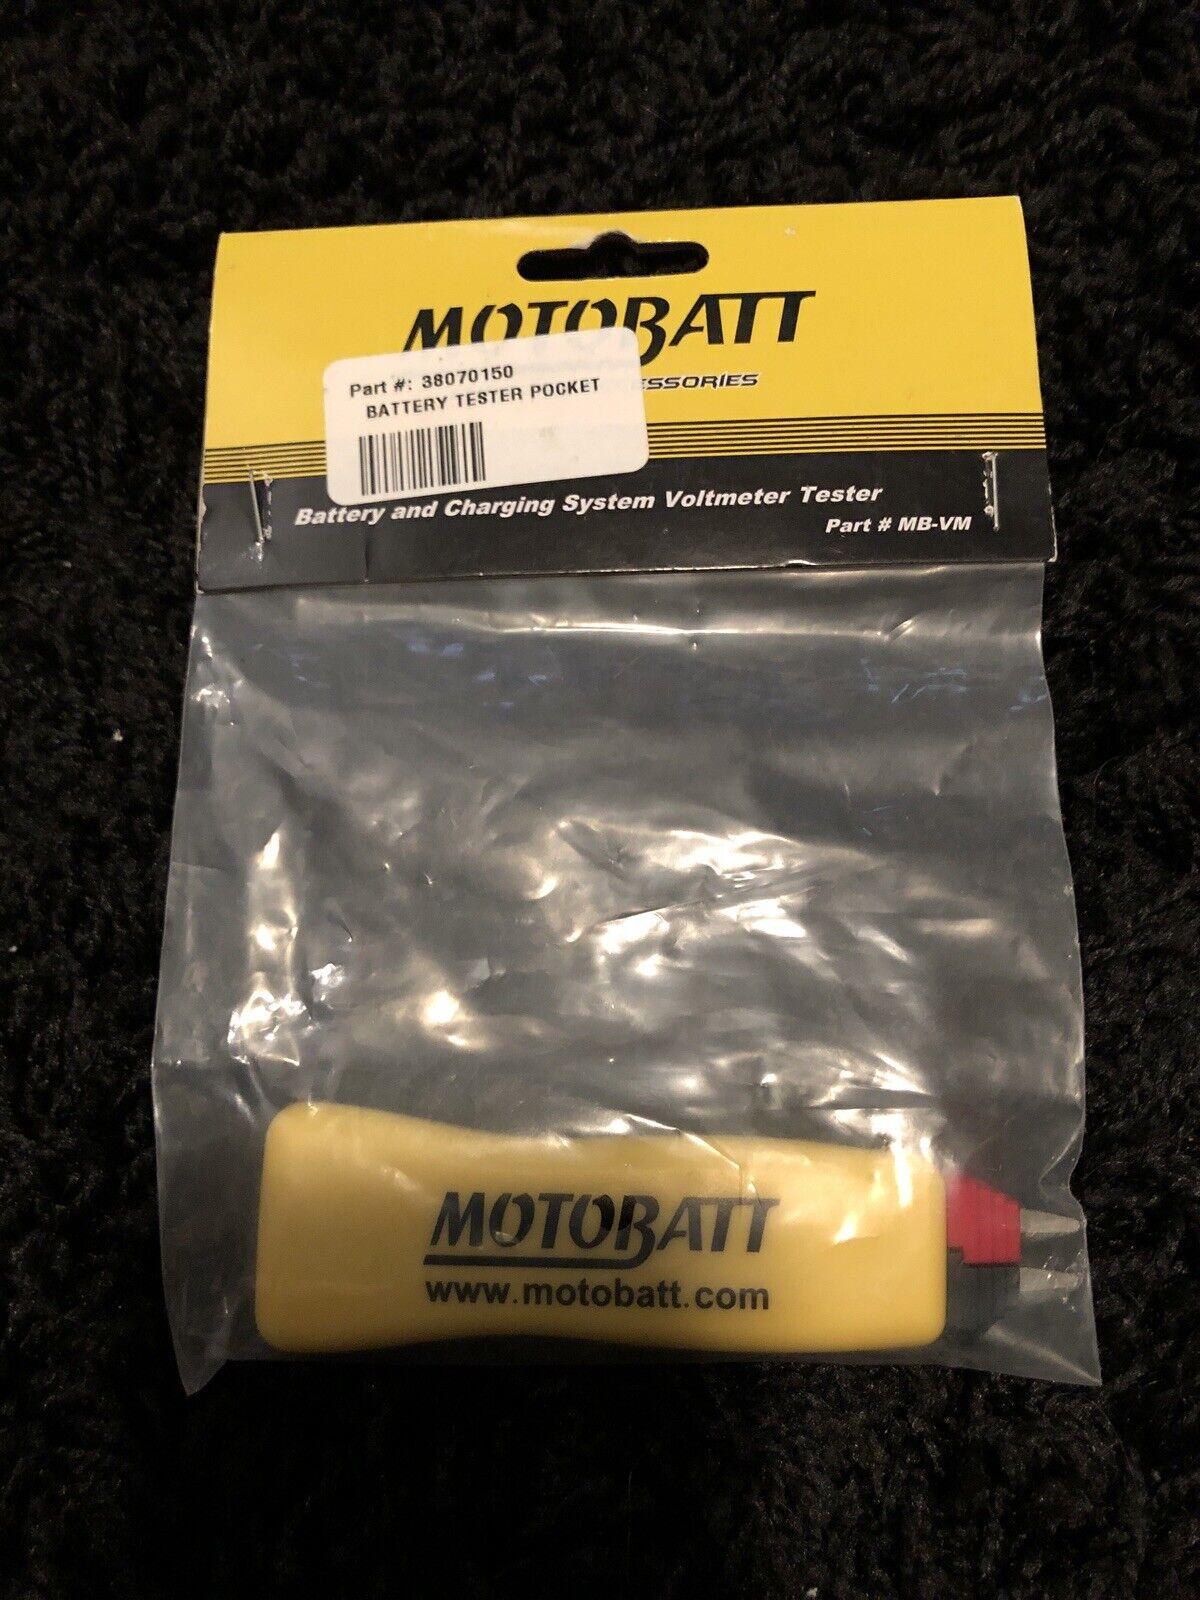 Brand New Motobatt 38070150 Battery Tester Pocket